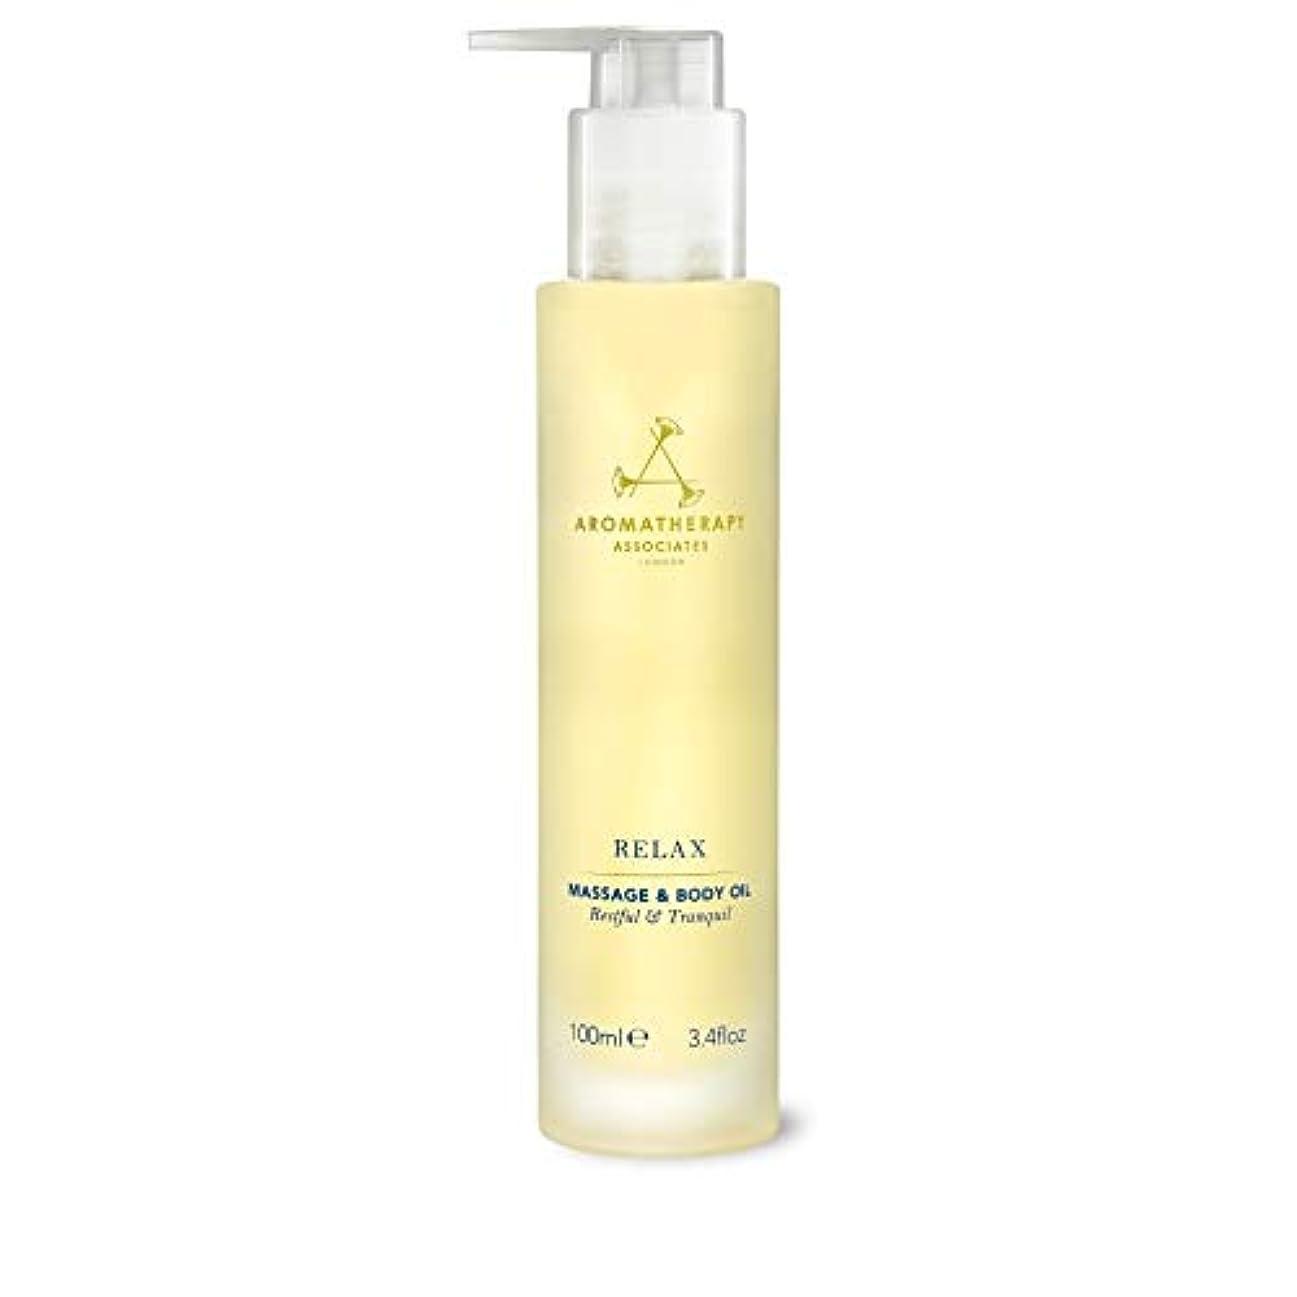 構造的普遍的な薬剤師[Aromatherapy Associates] アロマセラピーアソシエイツ深い浄化の洗顔、アロマセラピーアソシエイツ - Aromatherapy Associates Deep Cleanse Face Wash,...